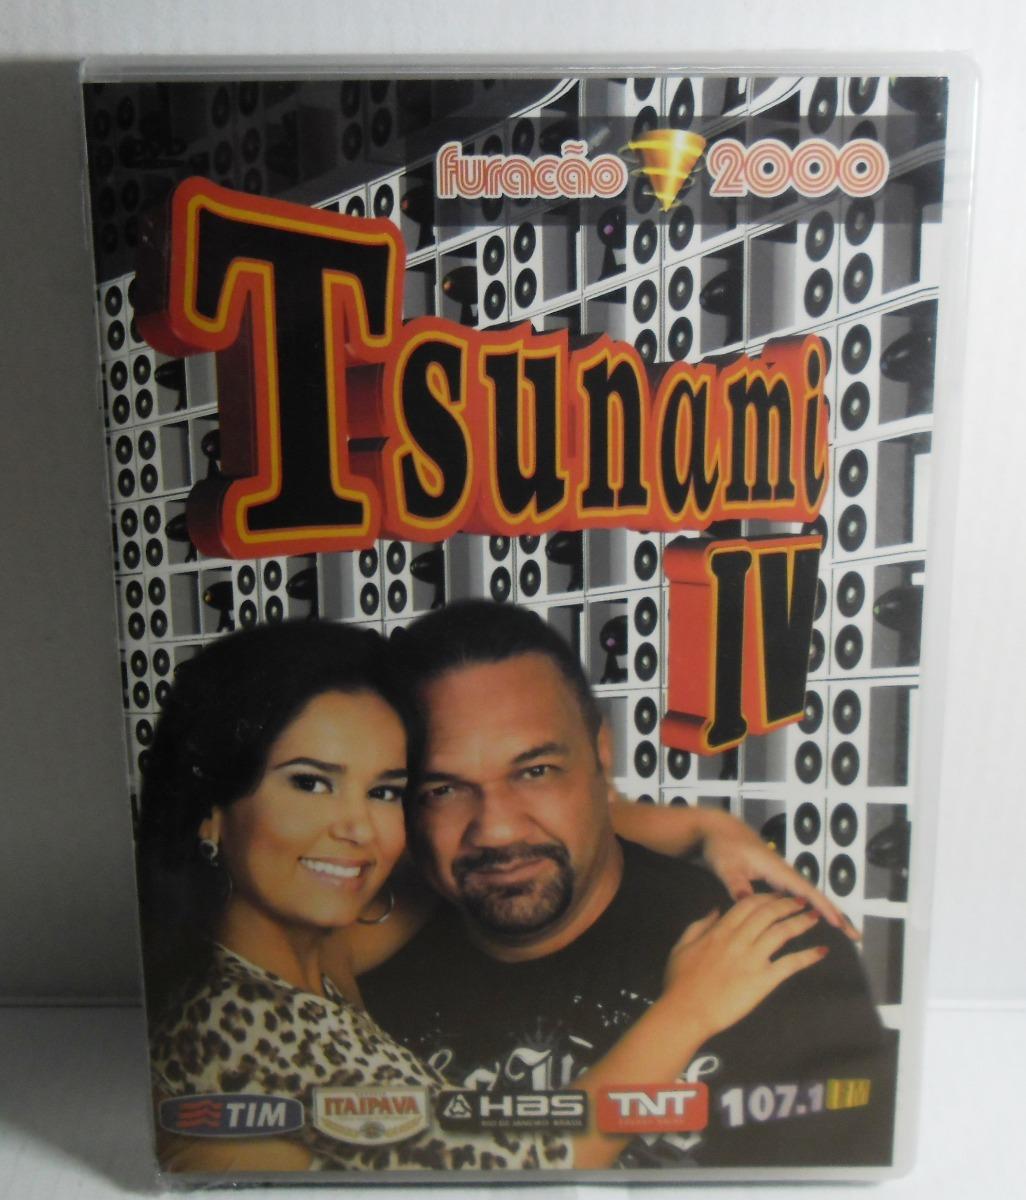 dvd da furacao 2000 tsunami 4